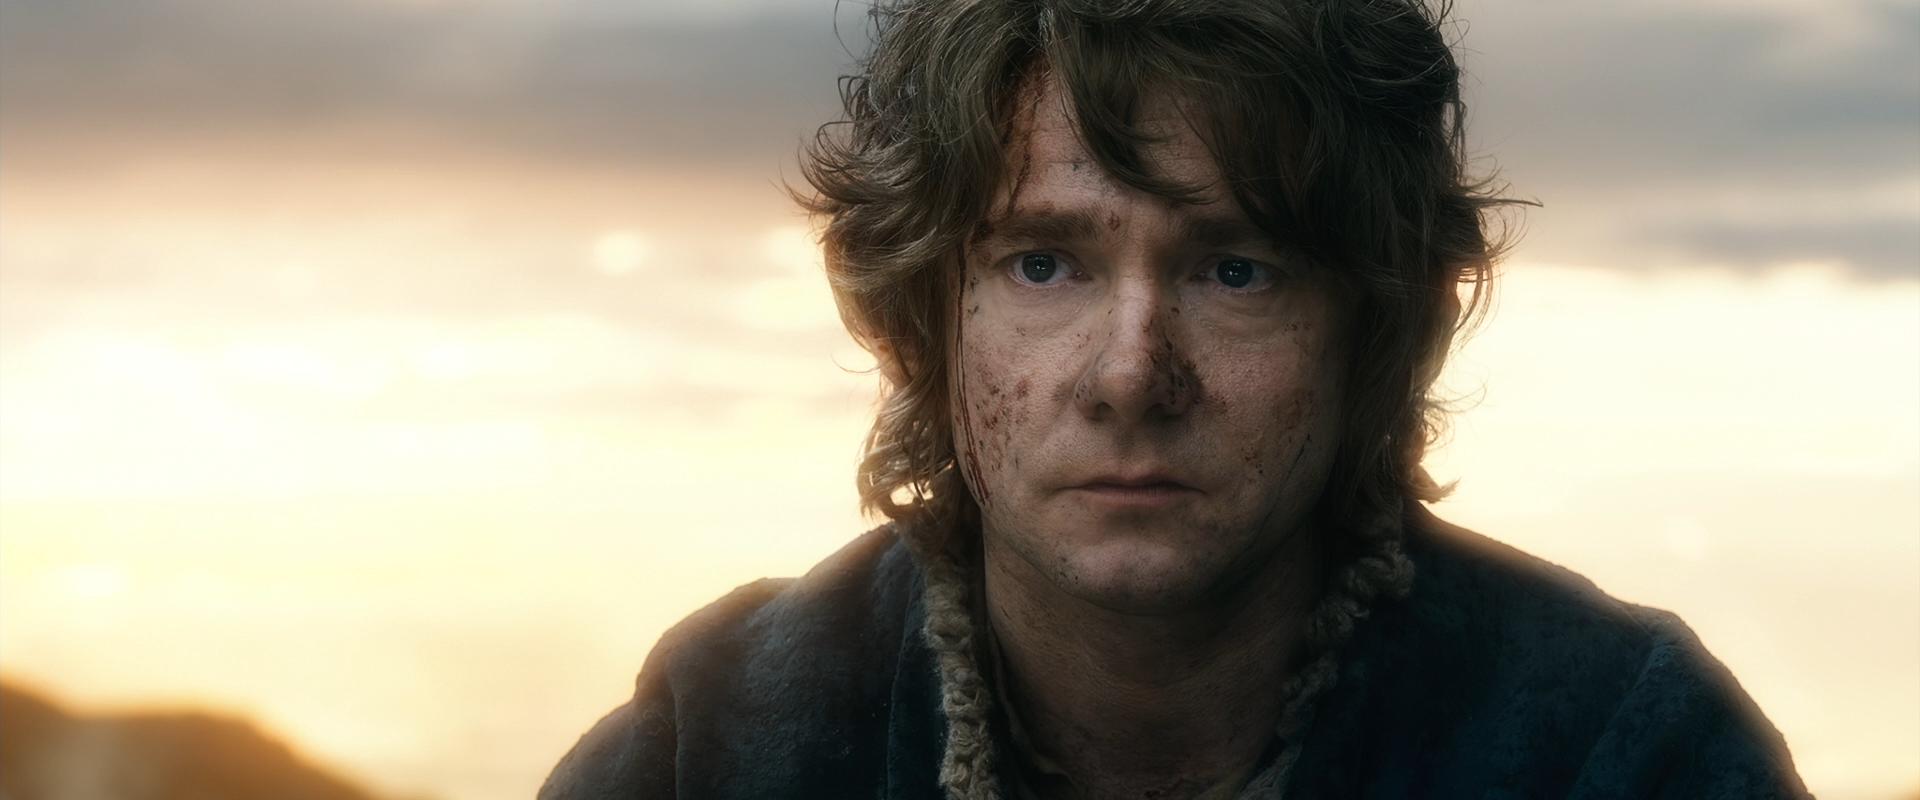 [2014]_Hobbit_Bitva_Pyati_Voinstv_1080p_Blu-ray.mkv_snapshot_02.01.28_[2015.04.12_20.01.58].png